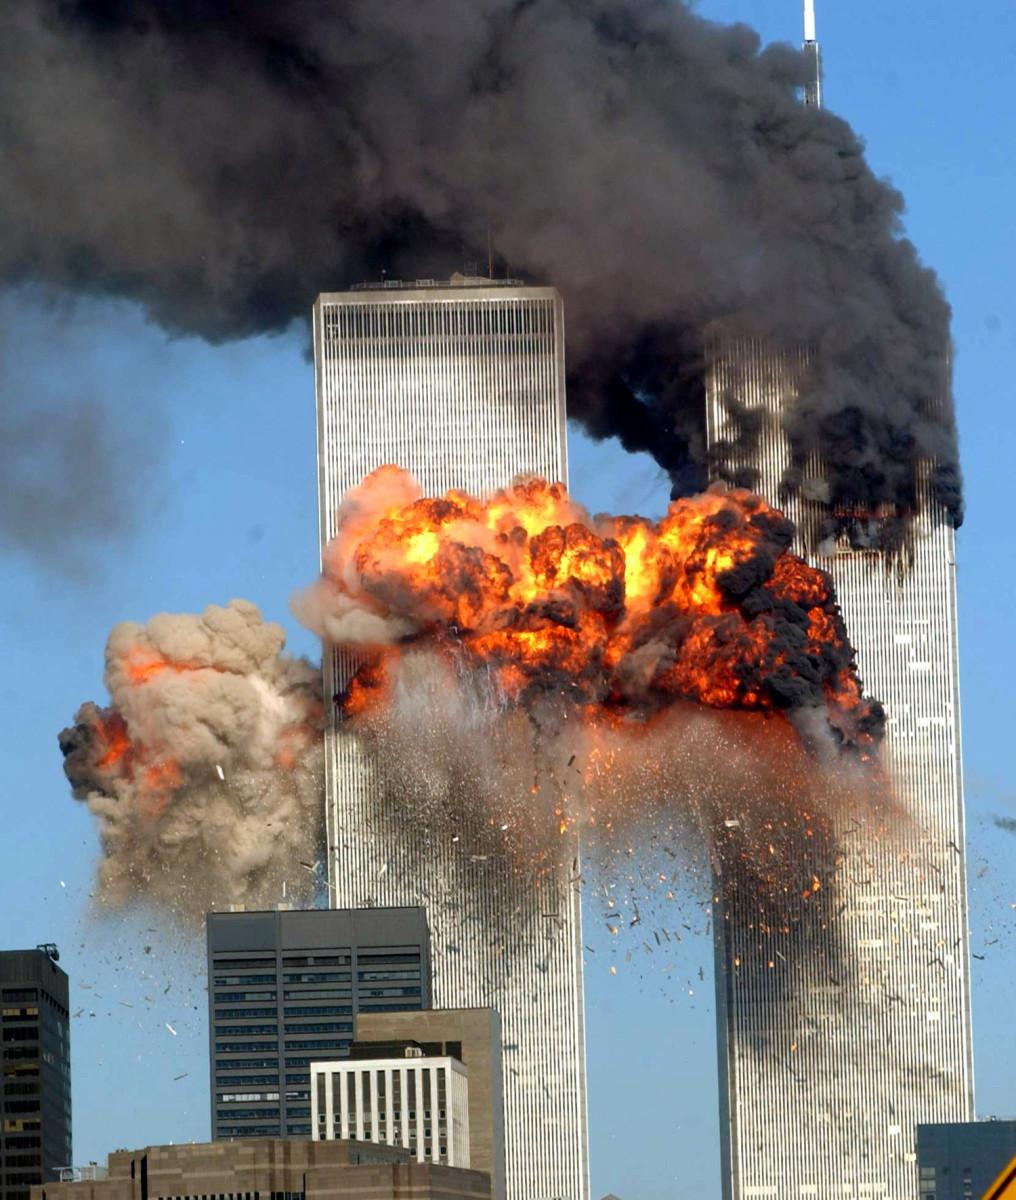 911_world_trade_center_photo_spencer_platt_getty_images_2438388_resized